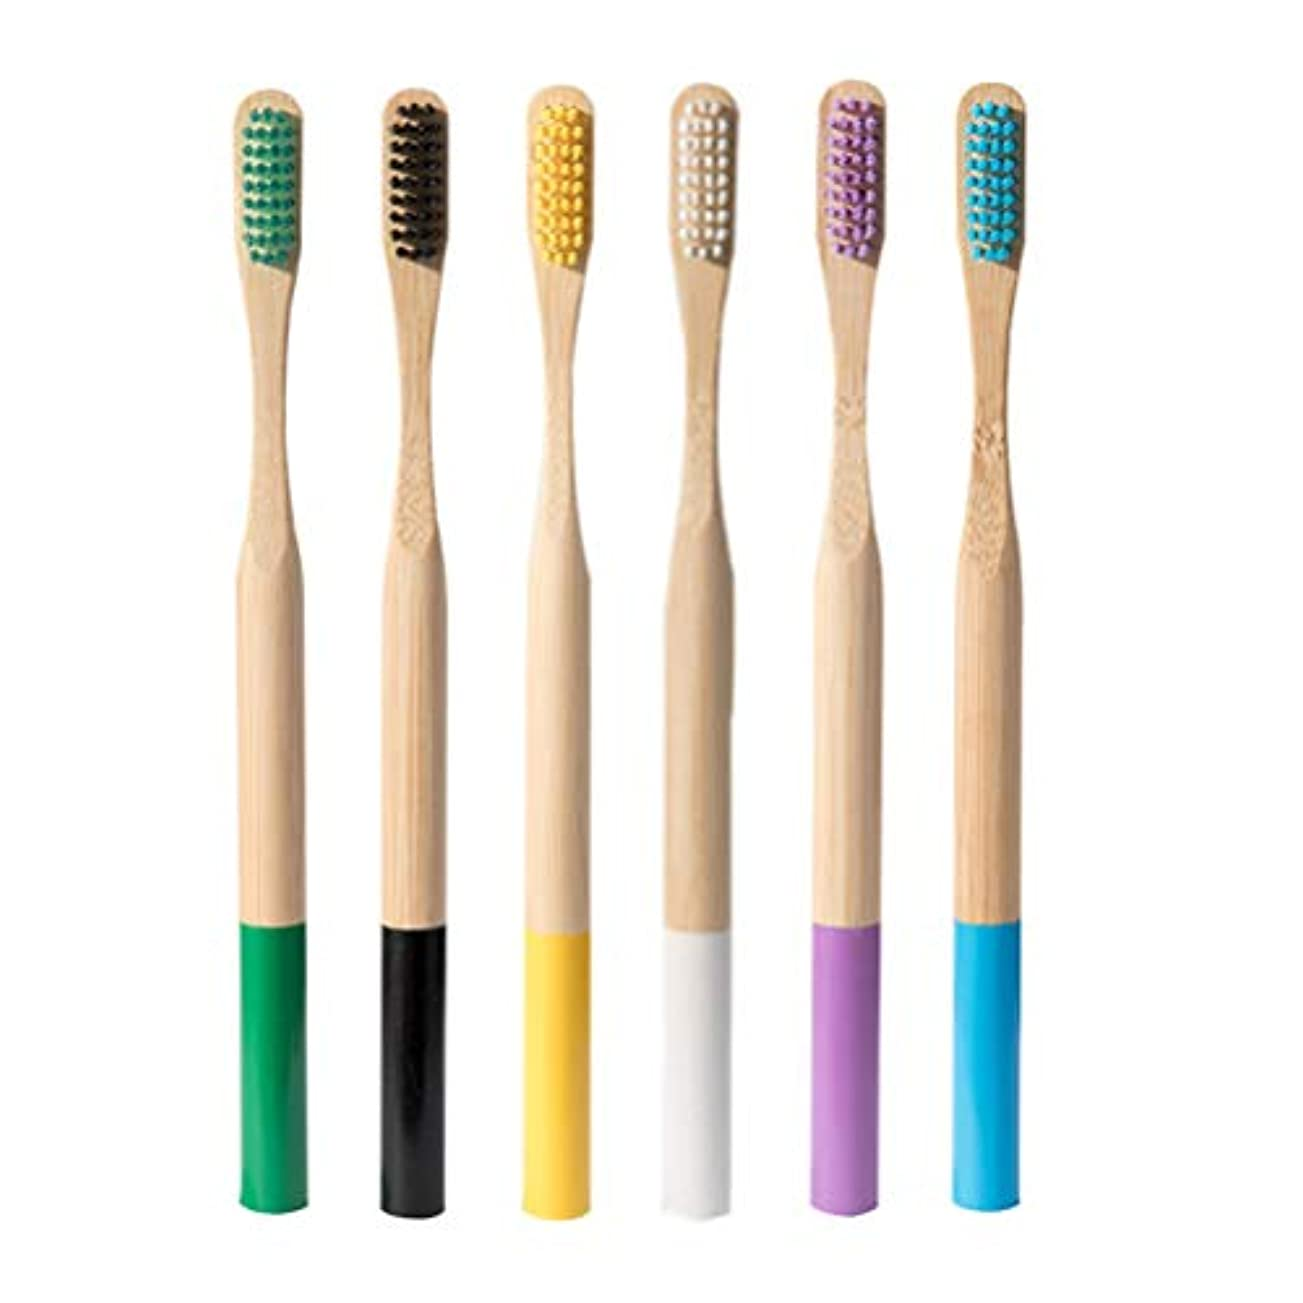 通訳早める反対にHealifty 歯ブラシ環境に優しい竹歯ブラシ6pcs